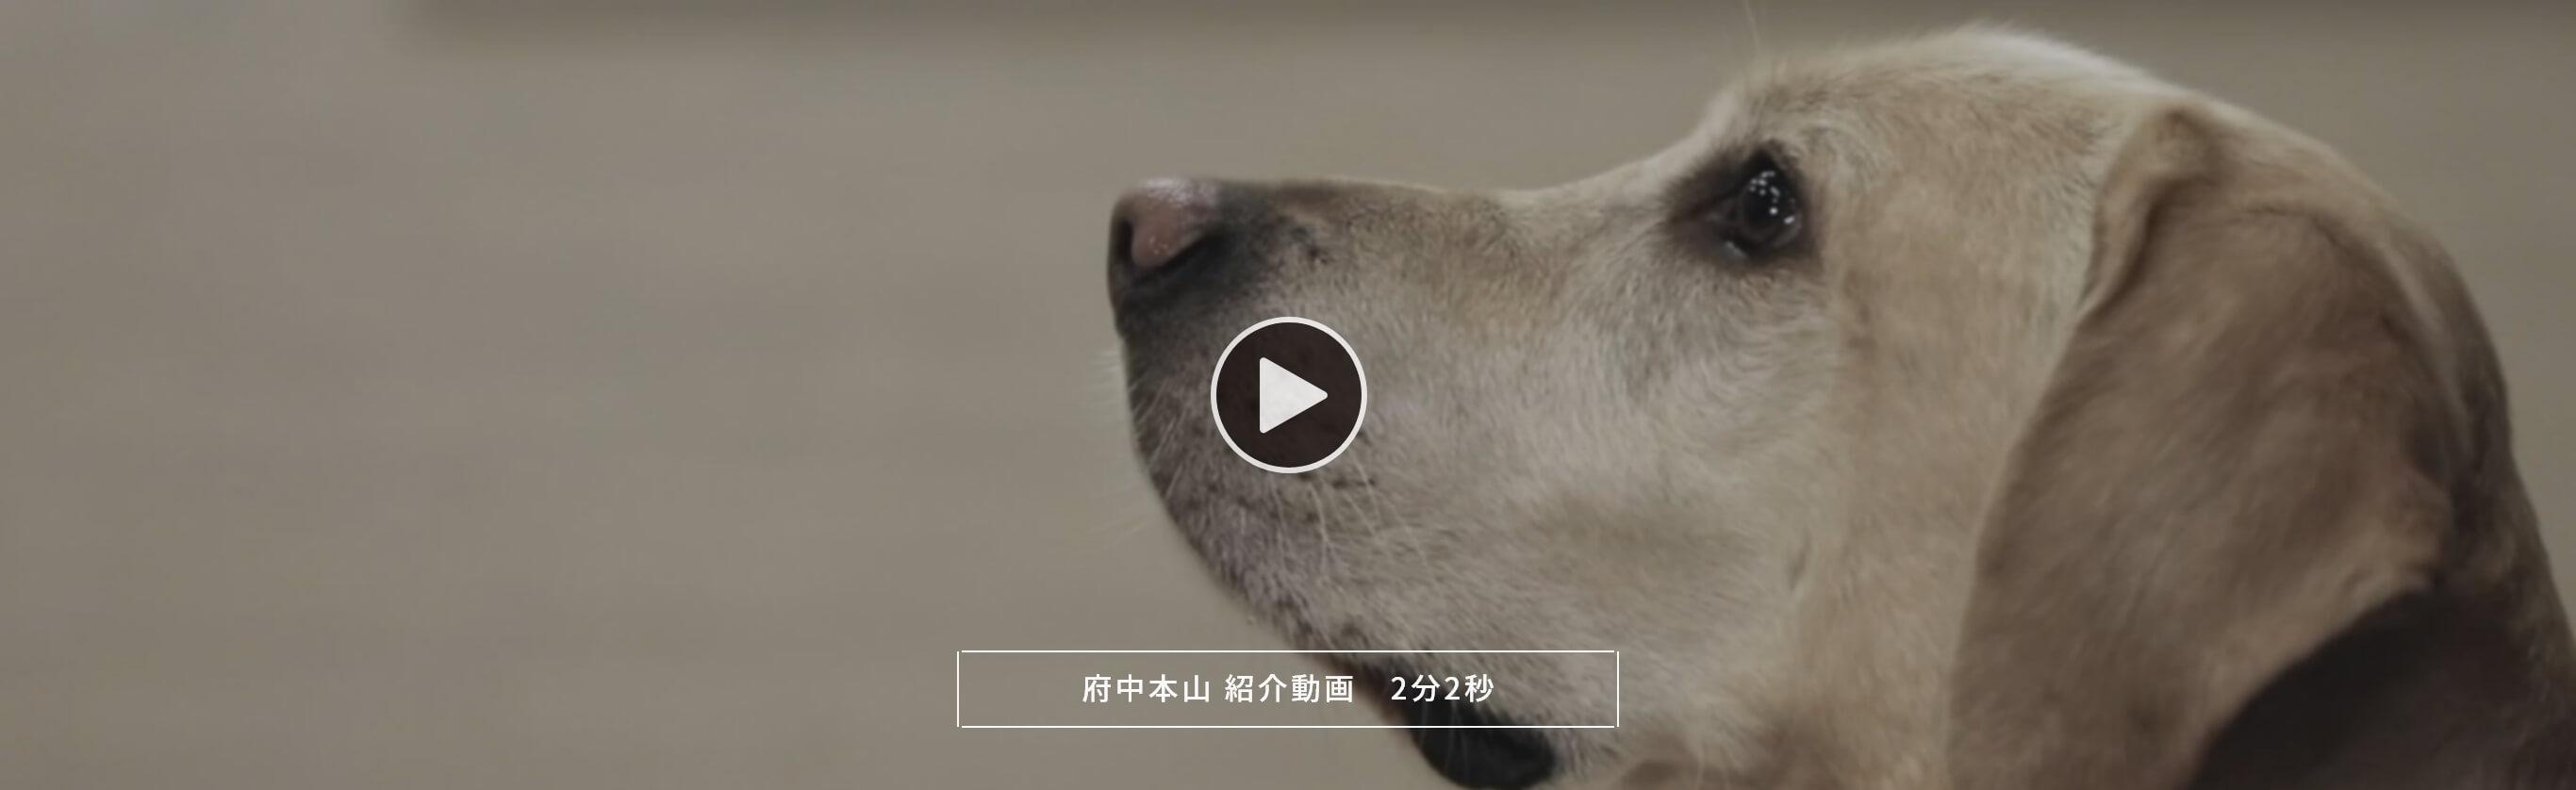 府中本山 紹介動画 2分2秒